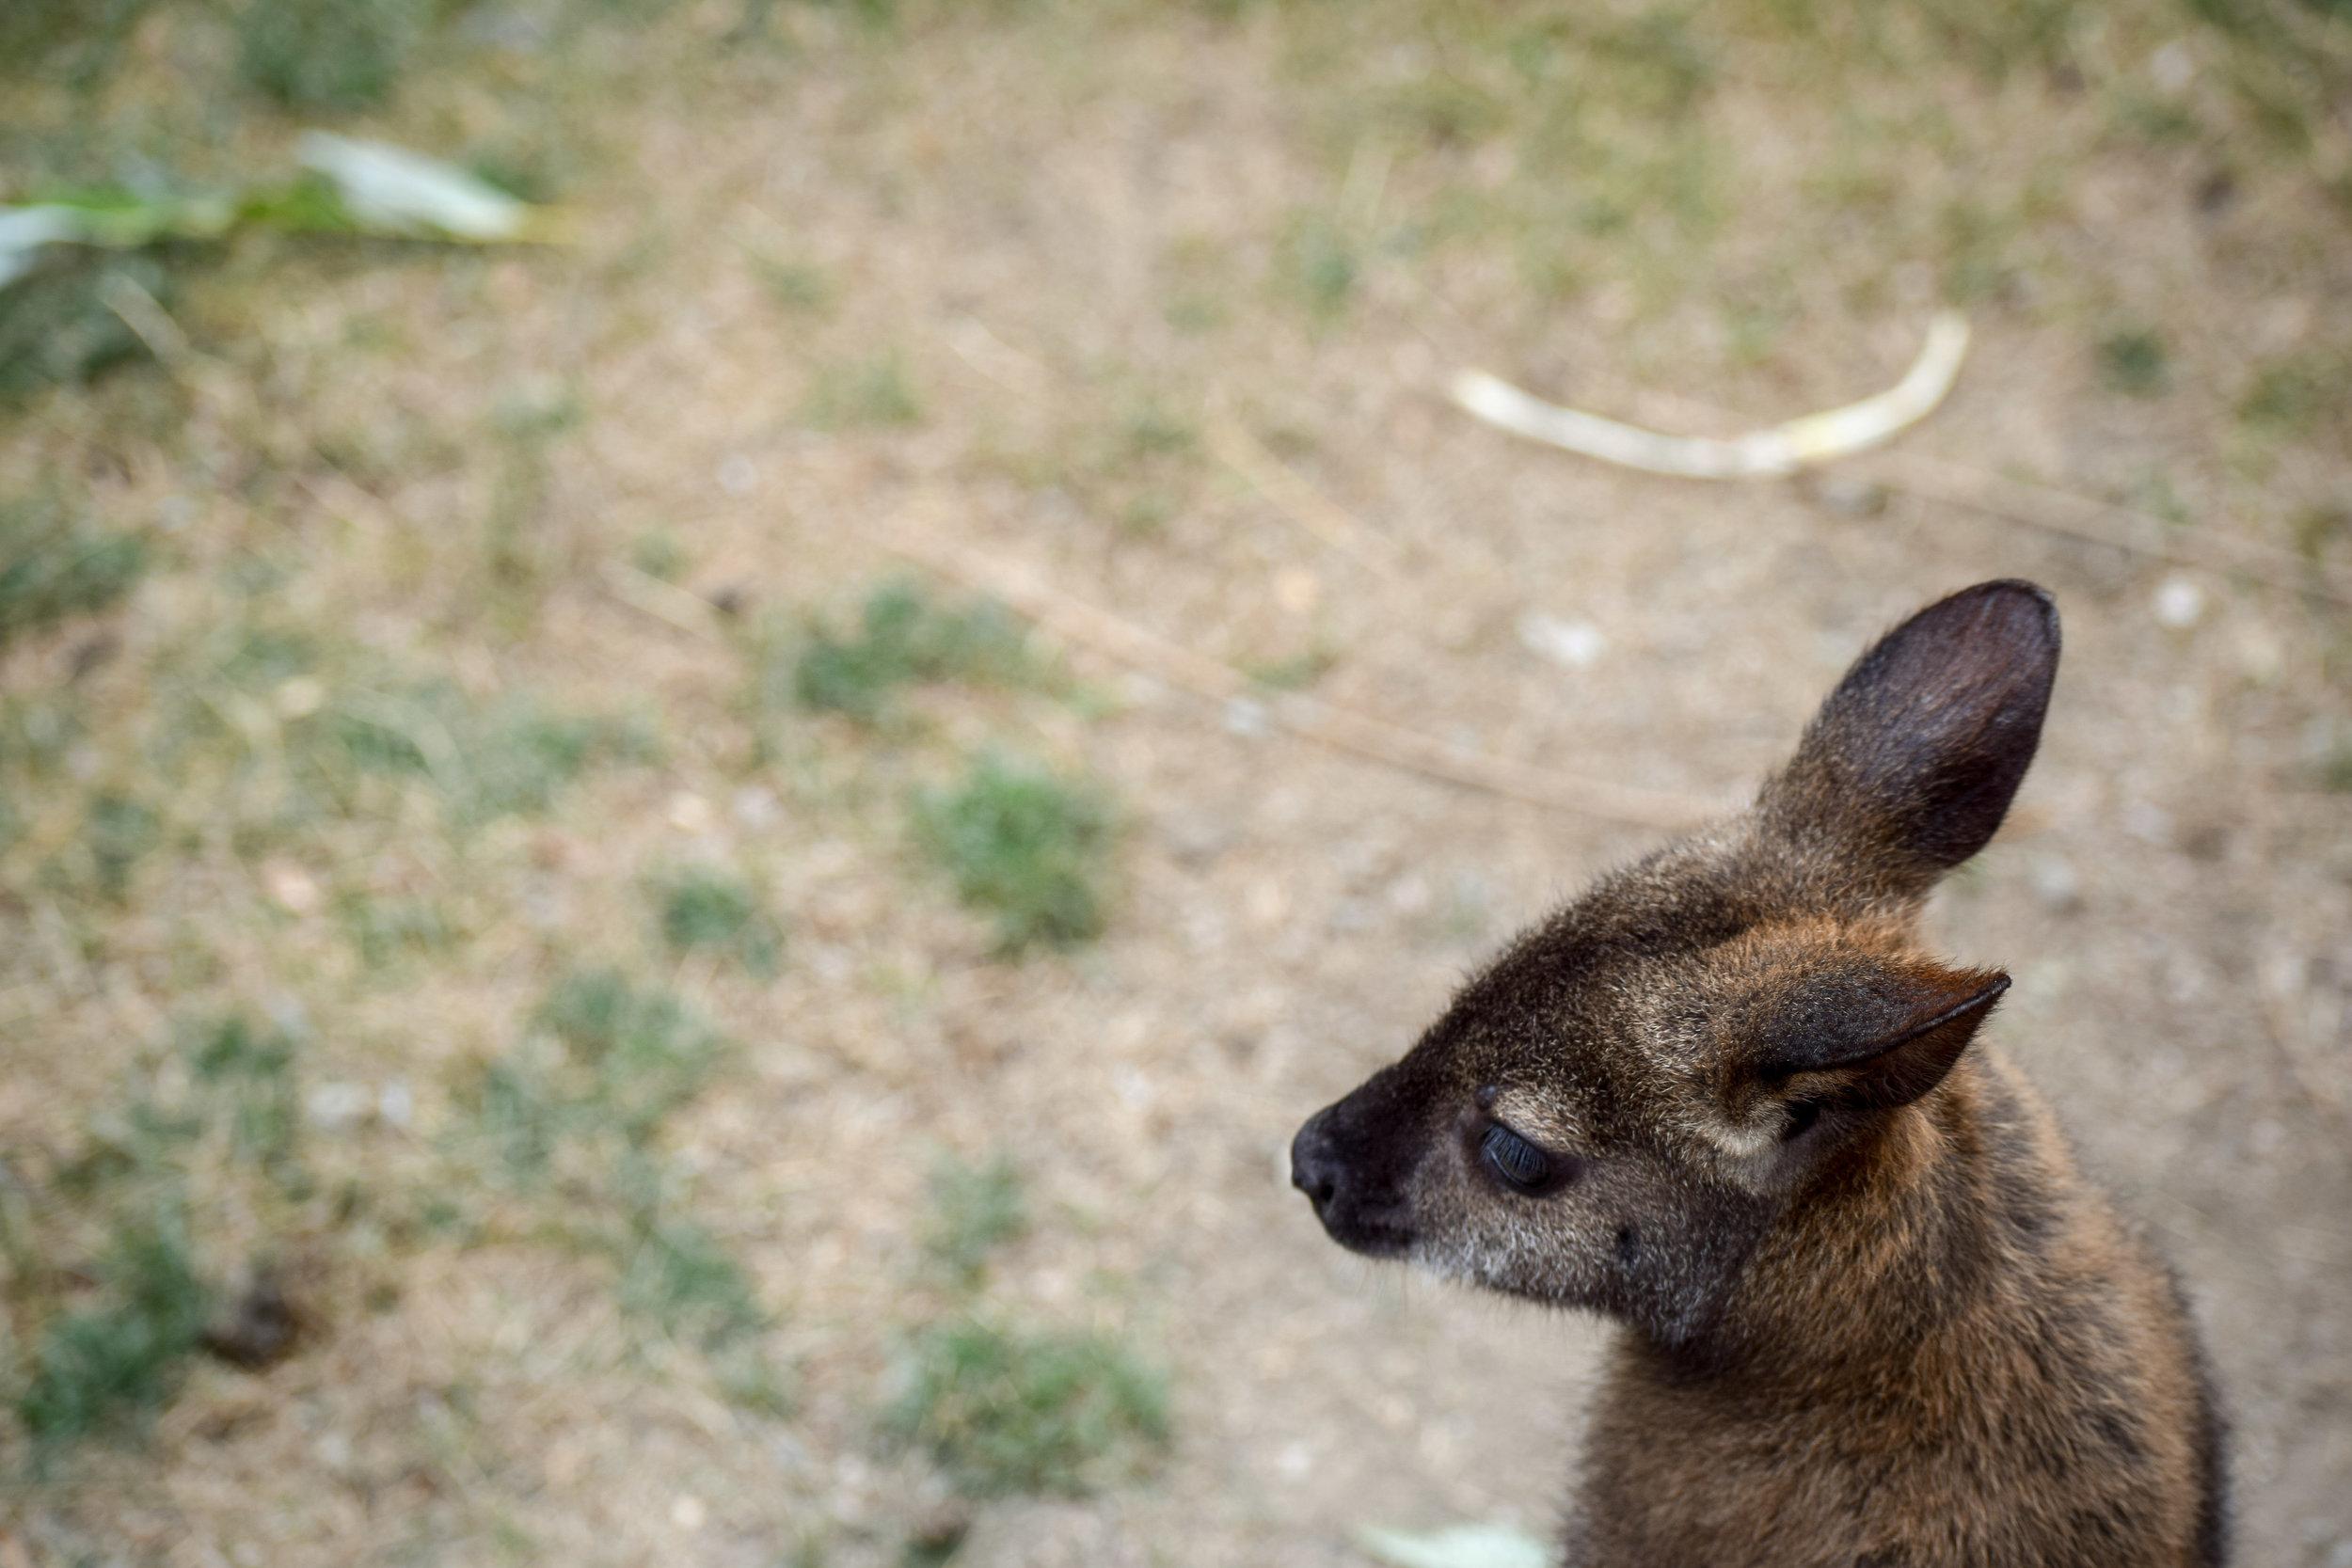 Wallaby at Kangaroo Creek Farm